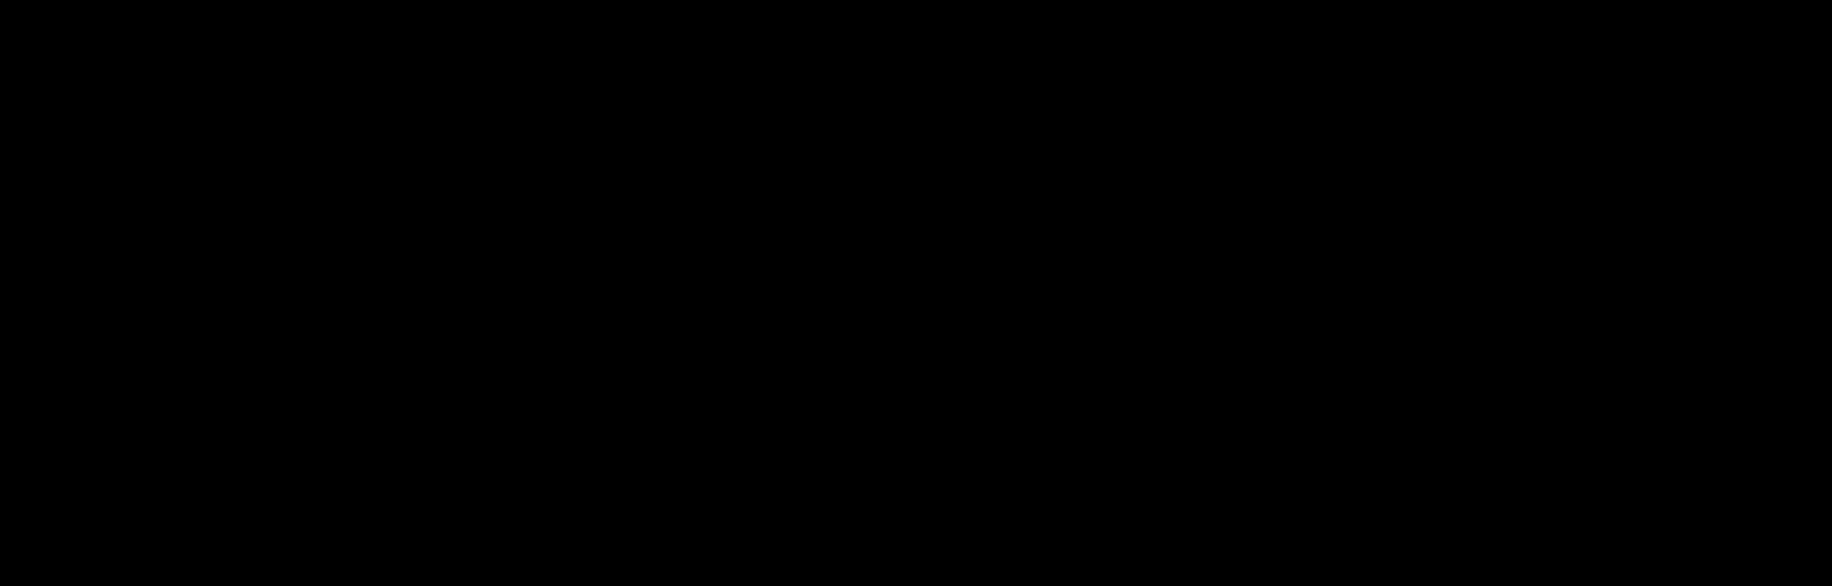 Обратные задачи аффинных преобразований или об одной красивой формуле - 27